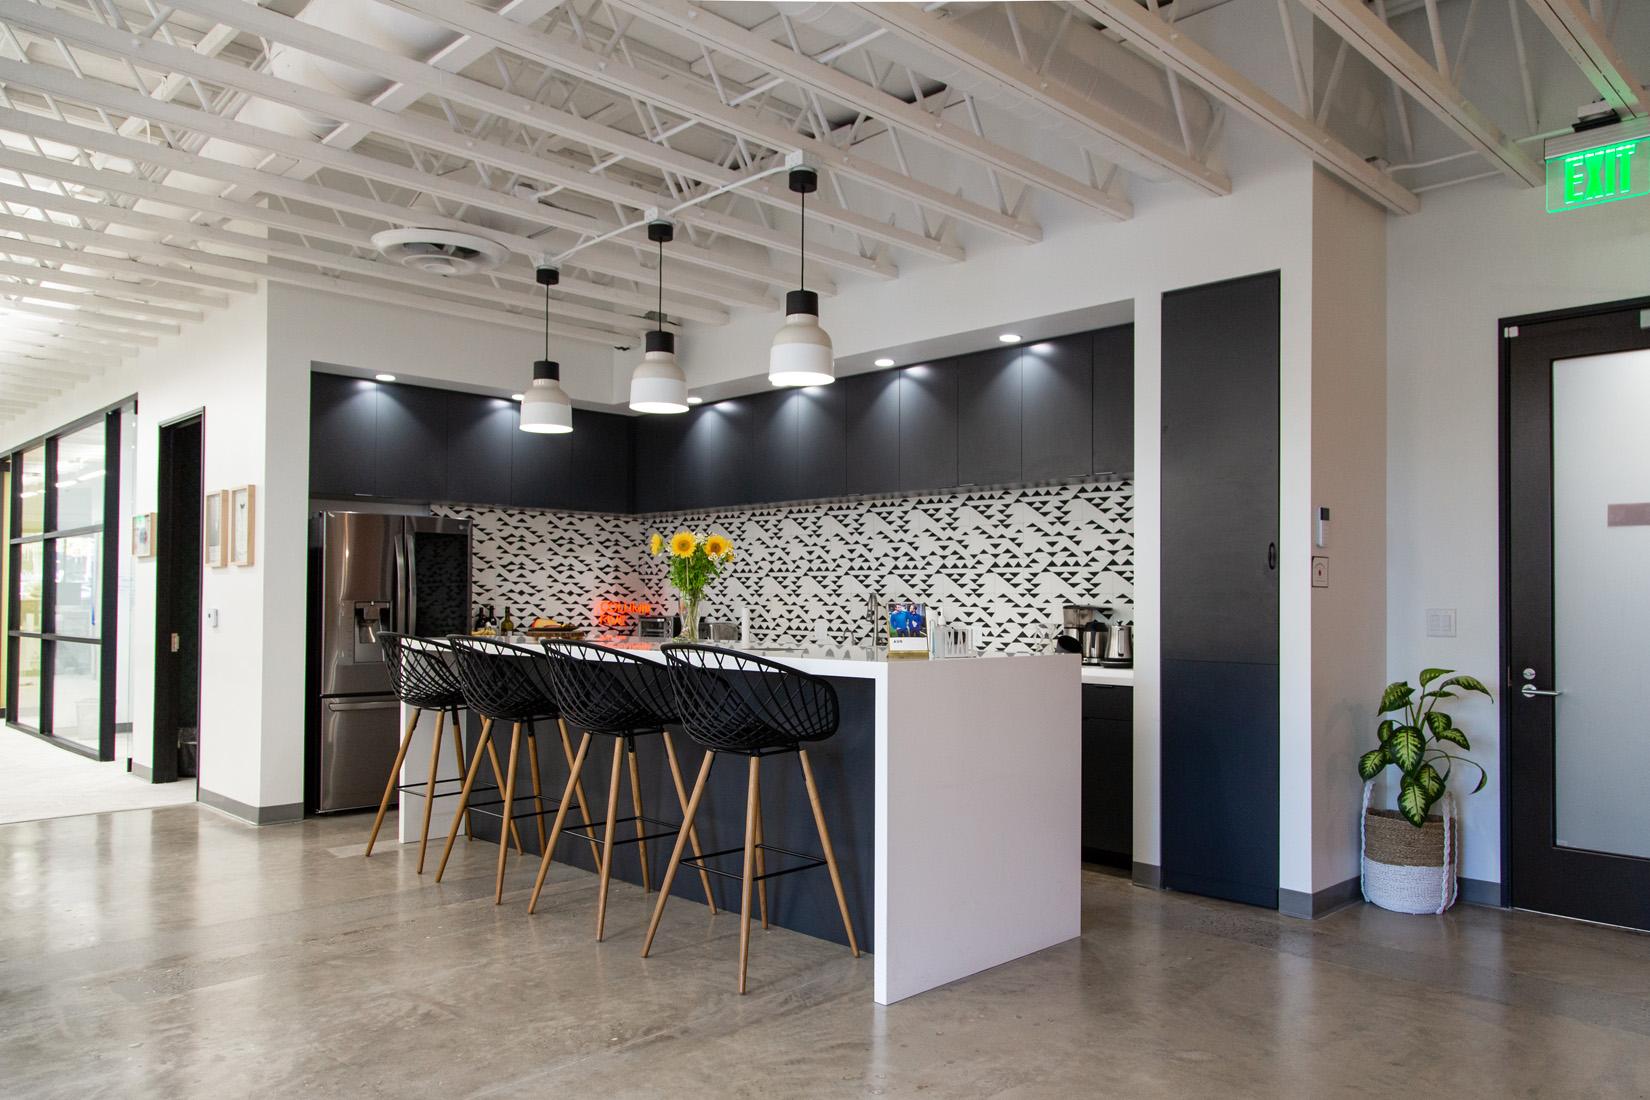 湖南浩安公装公司装修设计资讯知识湖南办公室装修设计空间色彩与气候的运用